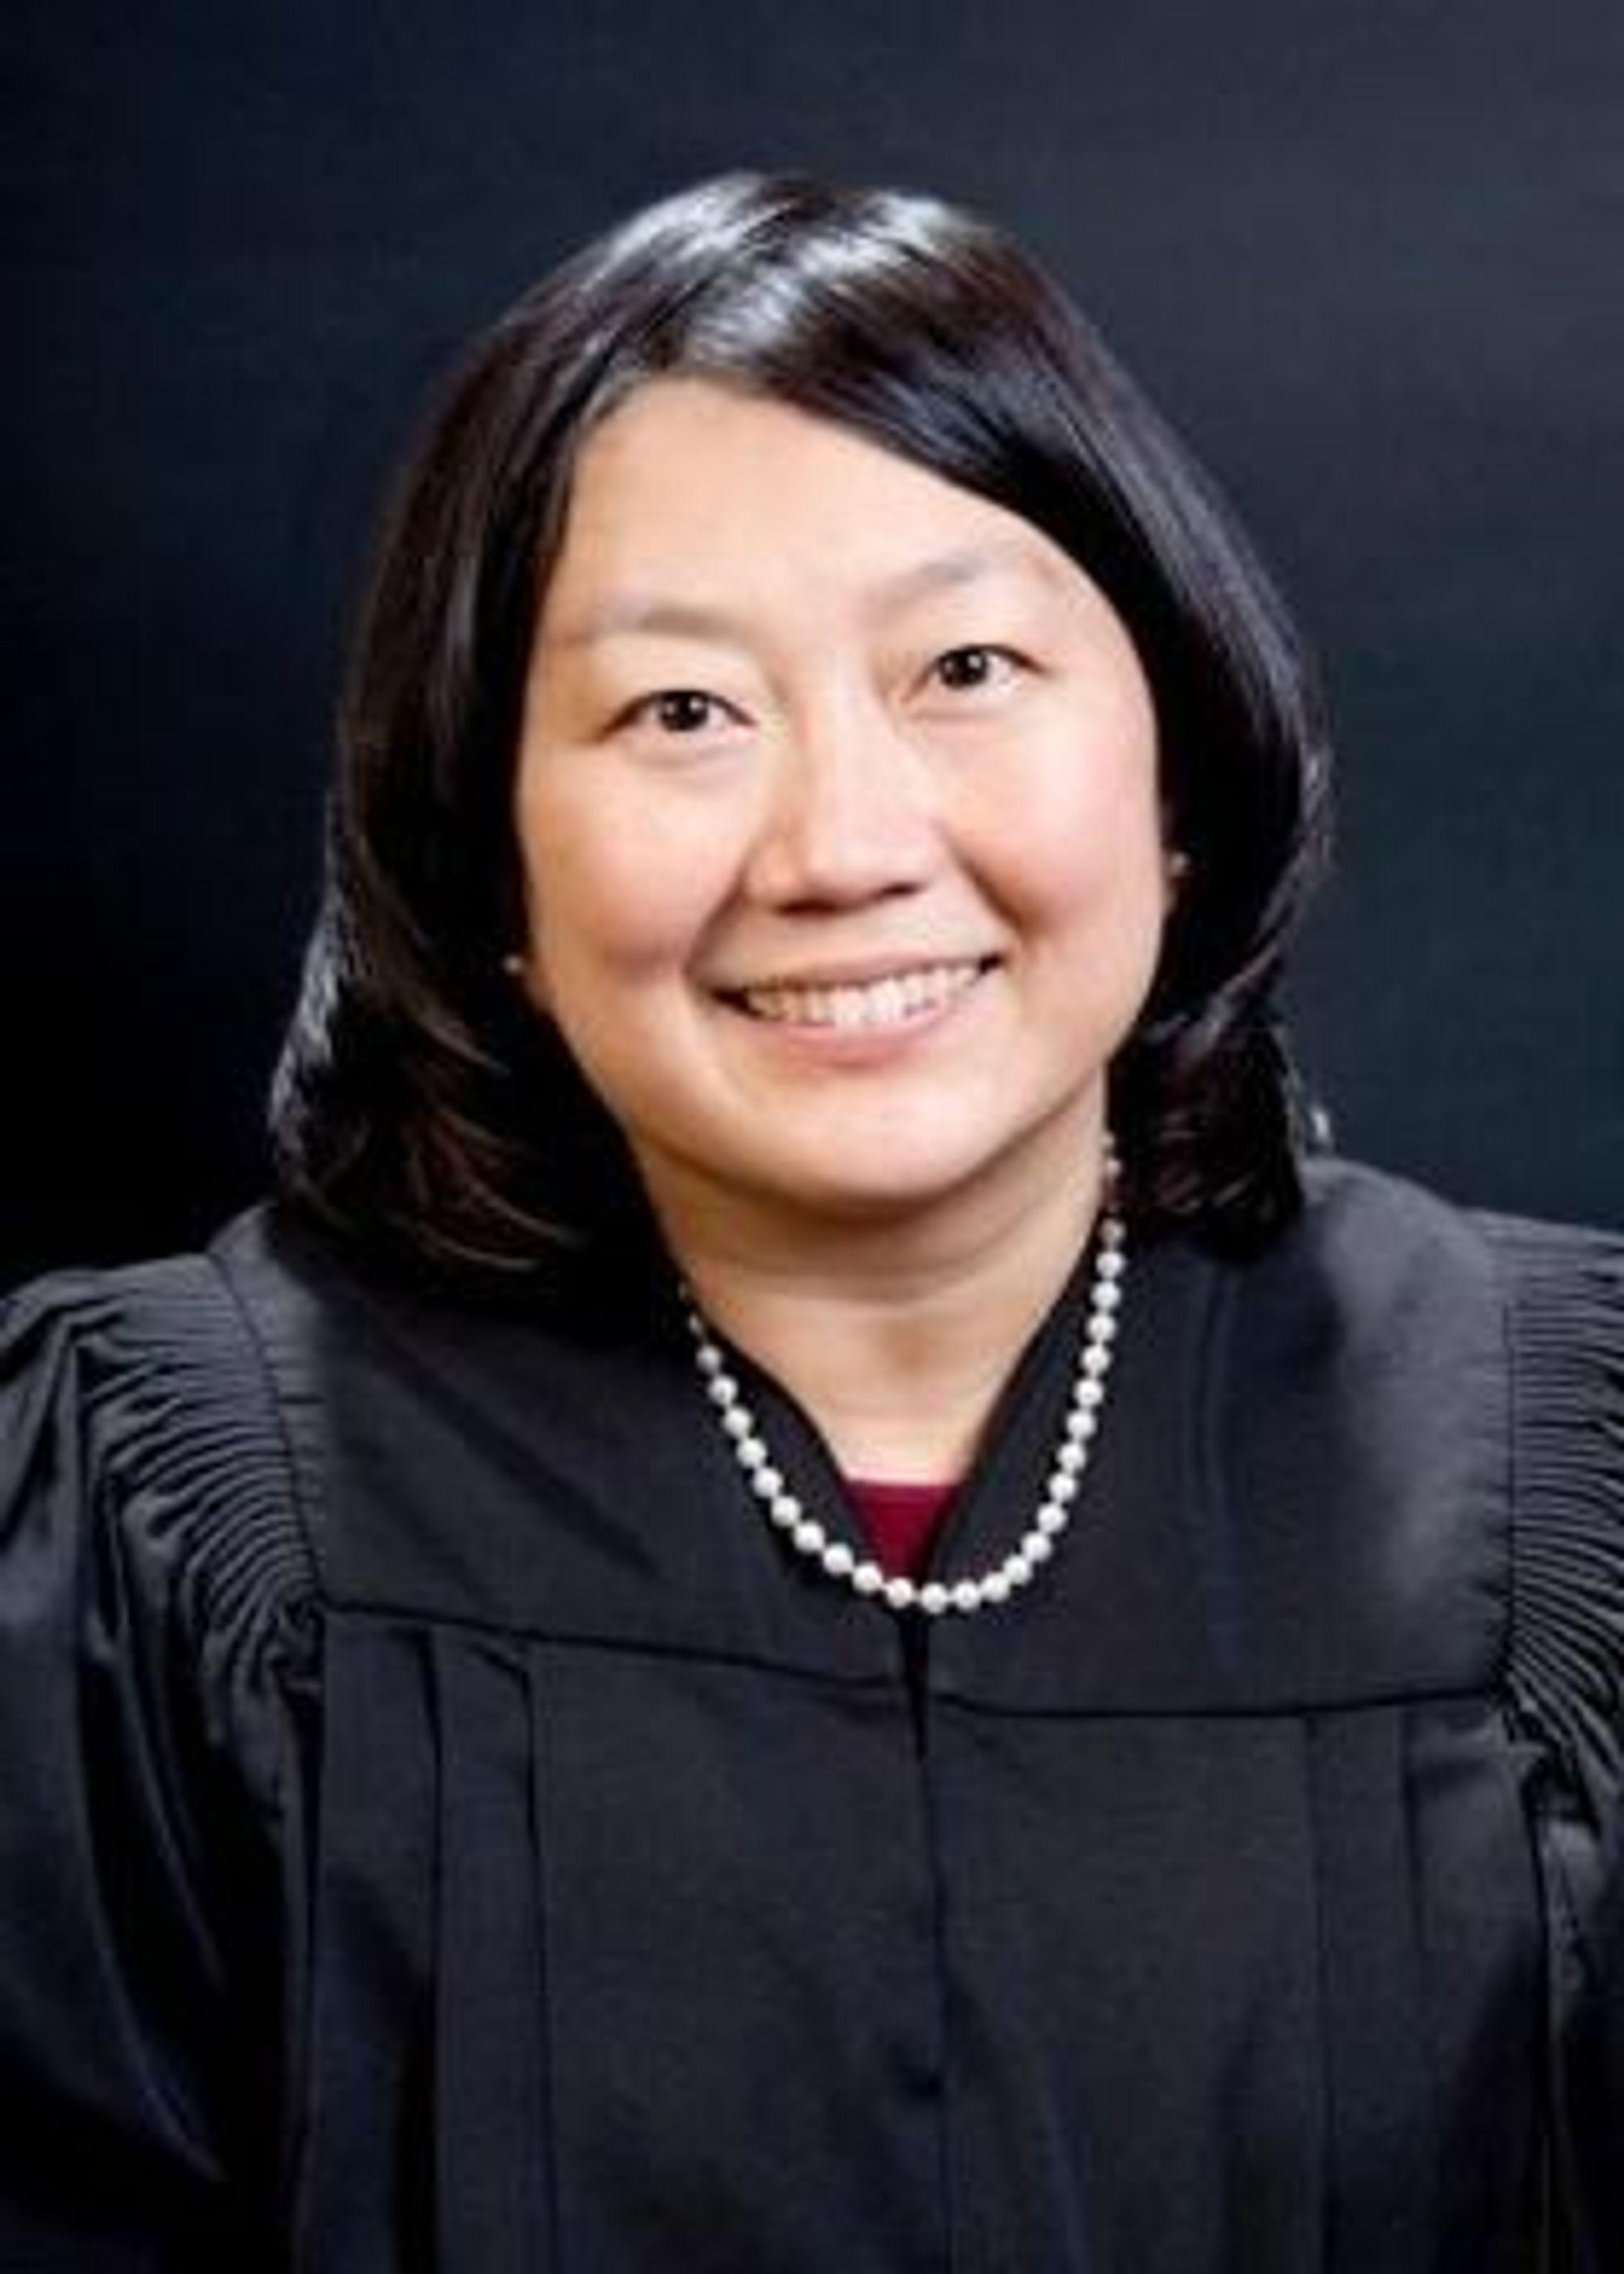 Distriktsdommer Lucy Koh i San Jose, California, administrerer den kanskje viktigste rettssaken mellom Apple og Samsung til nå.